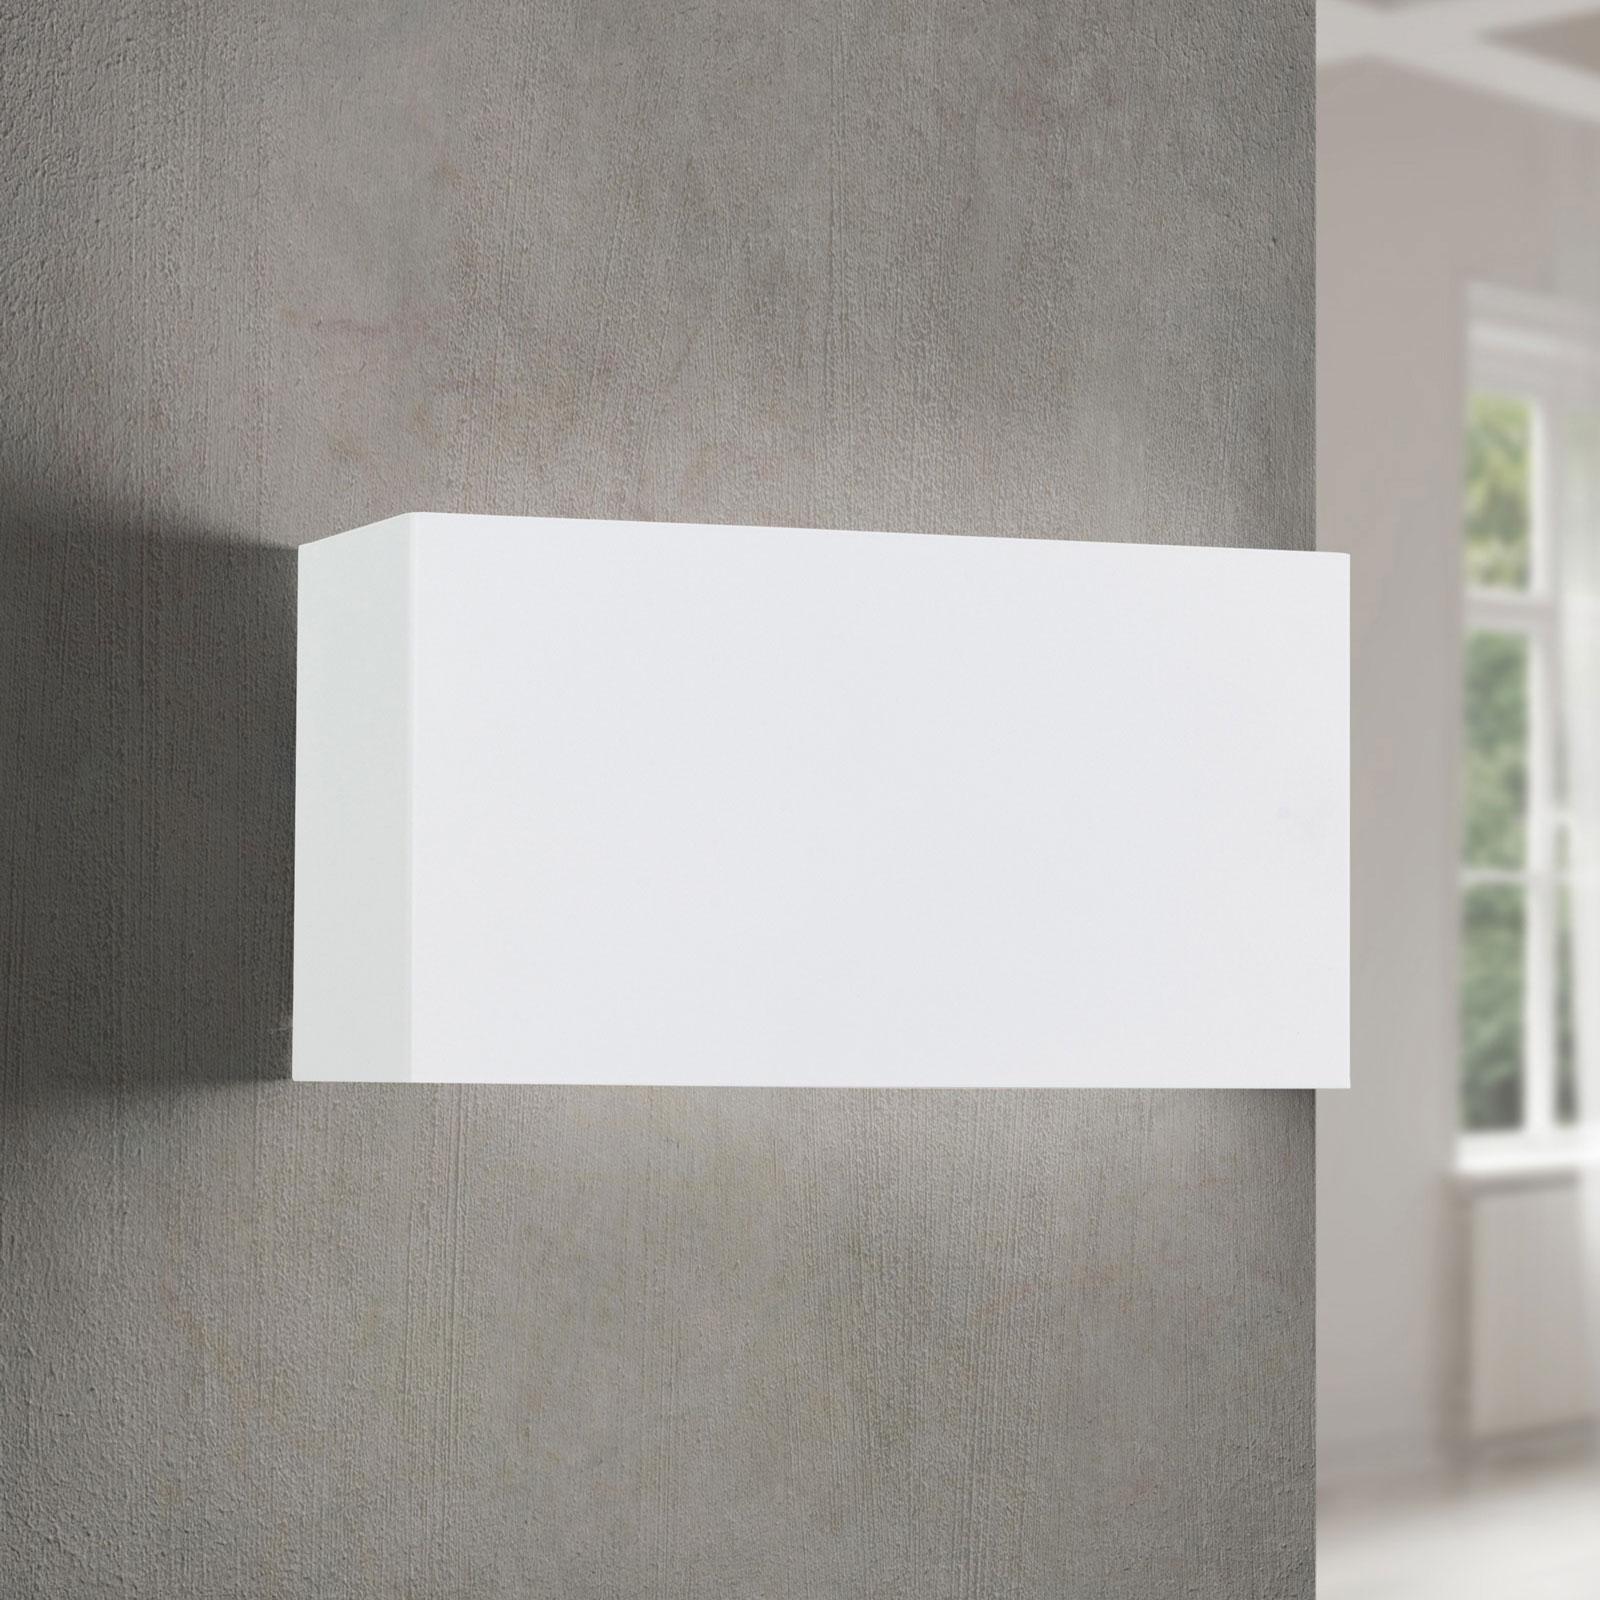 LED-seinävalaisin Hamilton, valkoinen